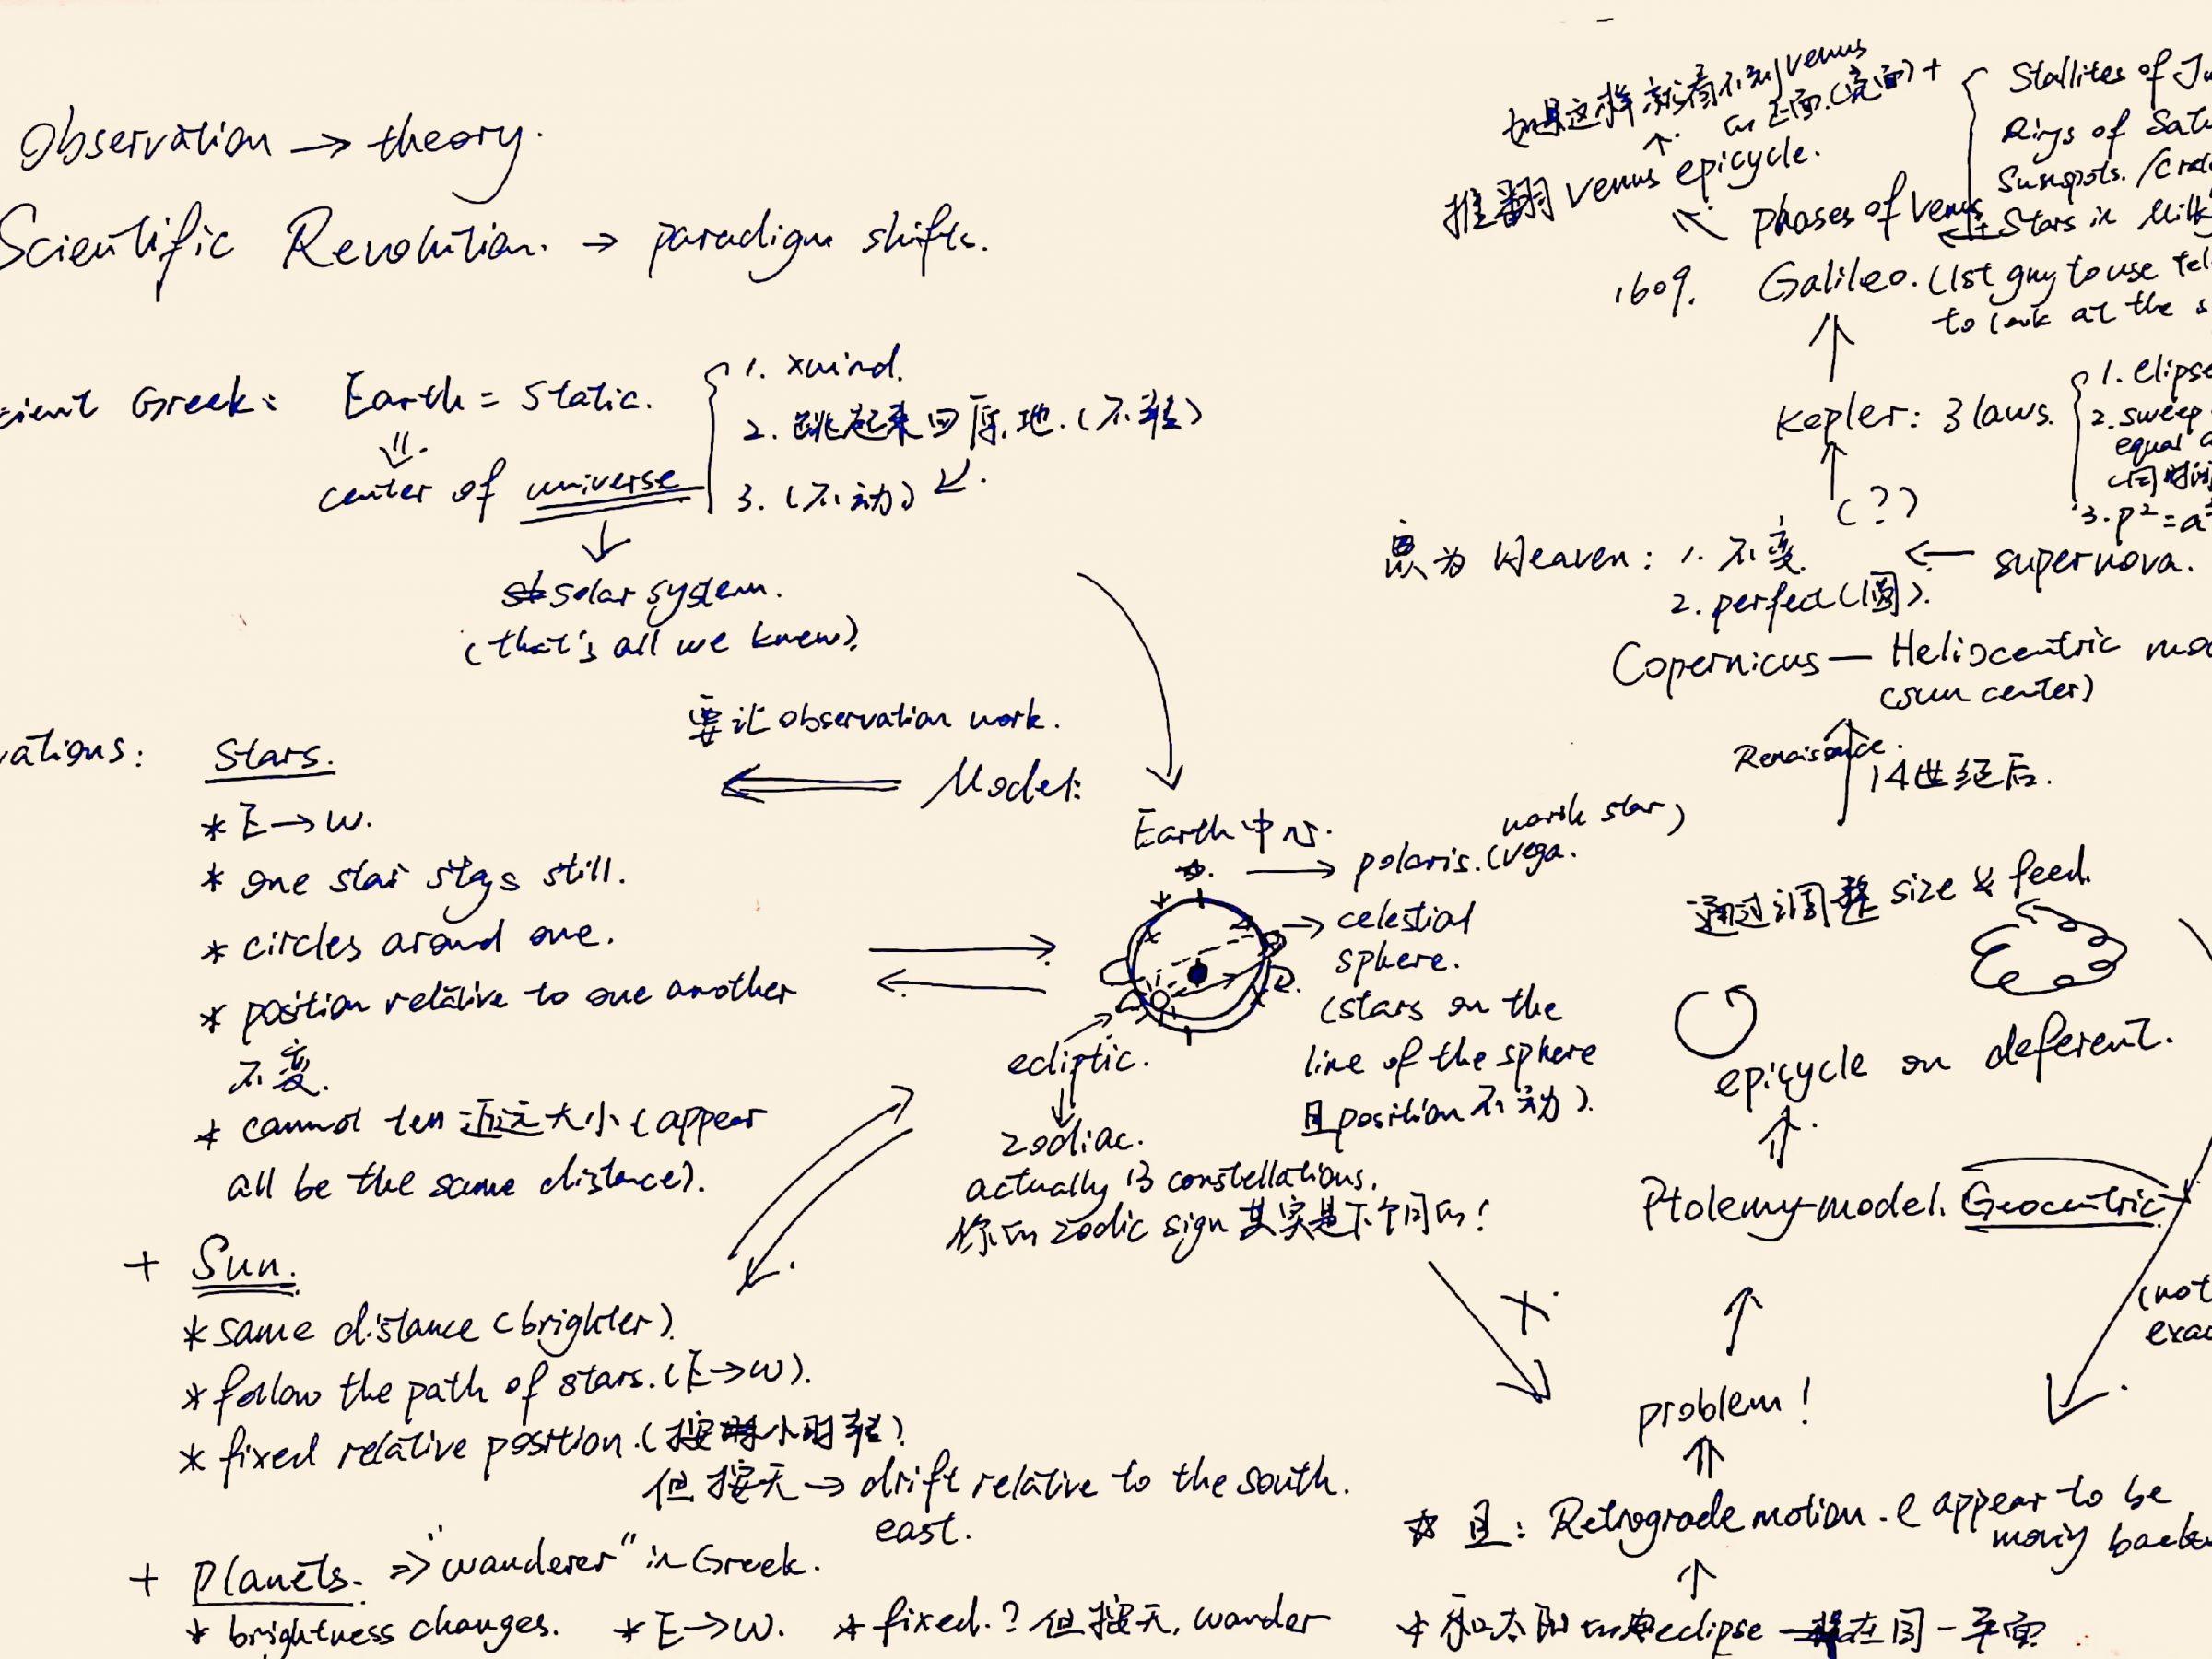 Scientific Revolution - Notes on Hum103